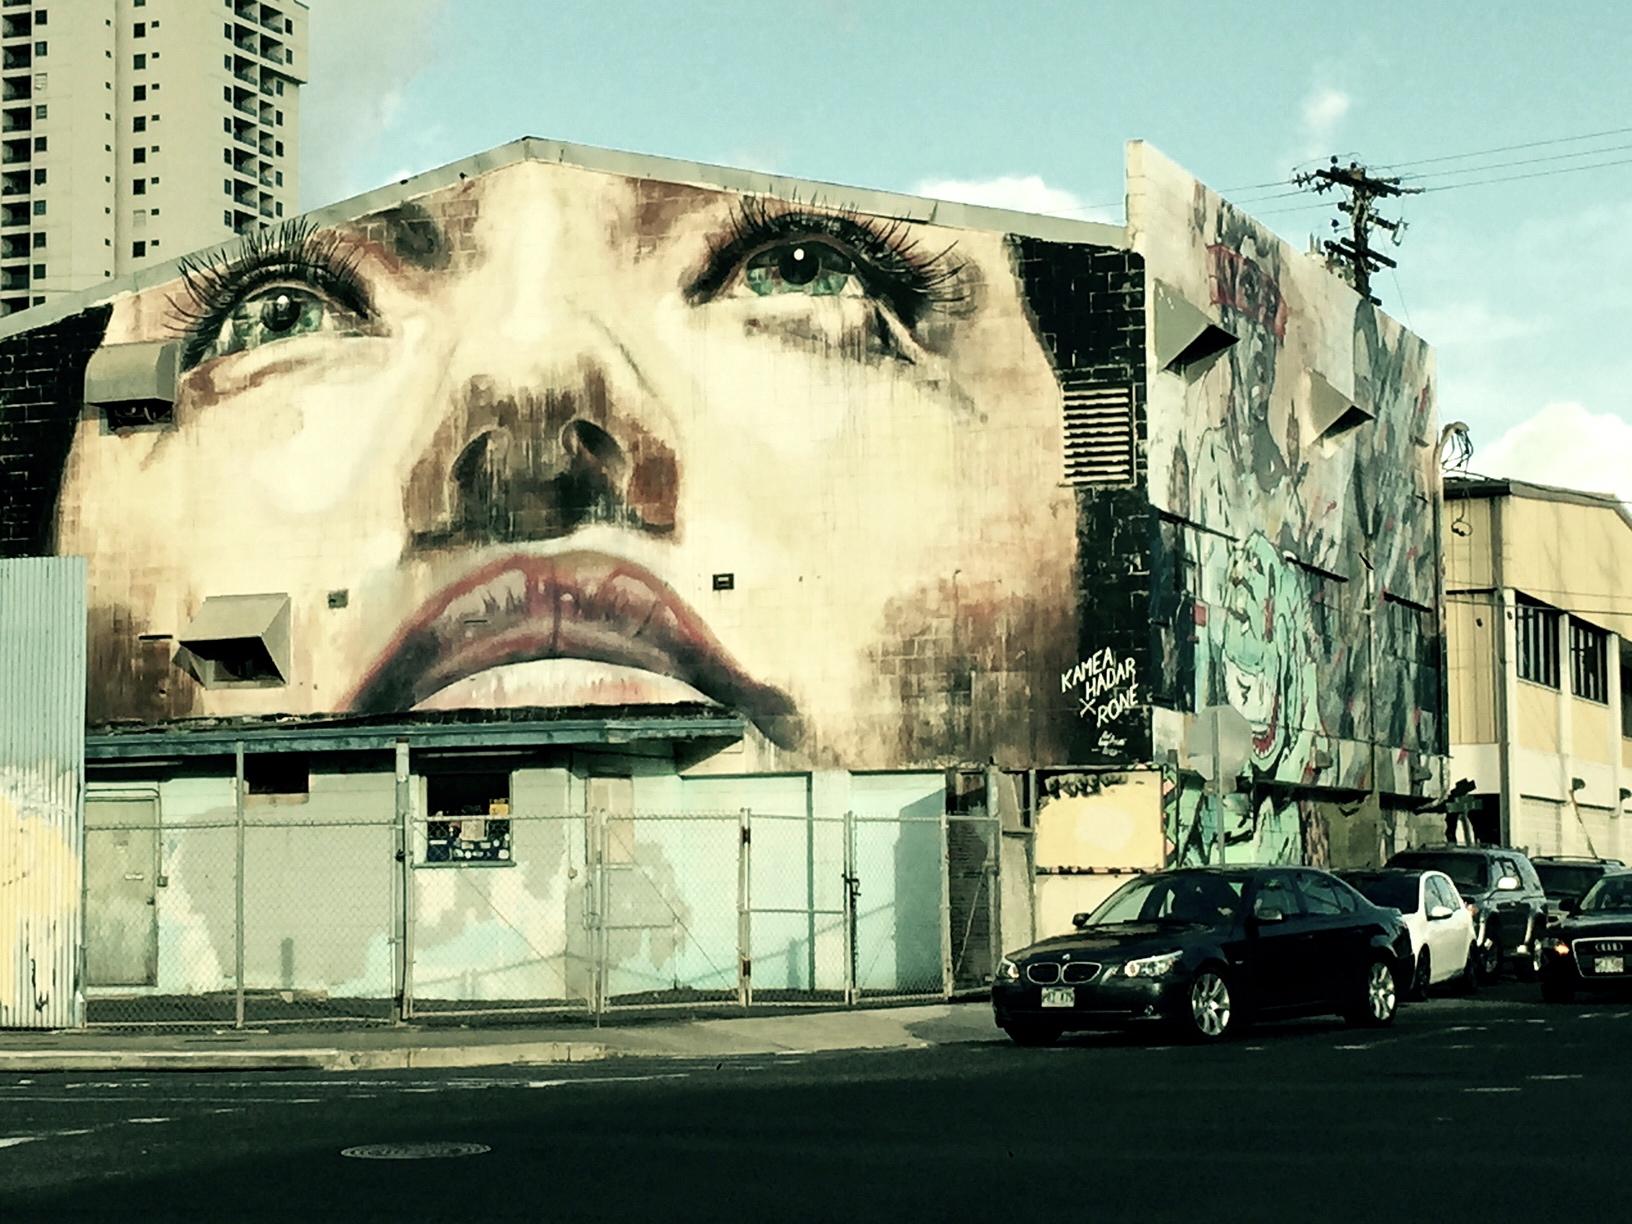 Street art in the  Kakaako  neighborhood, Honolulu.